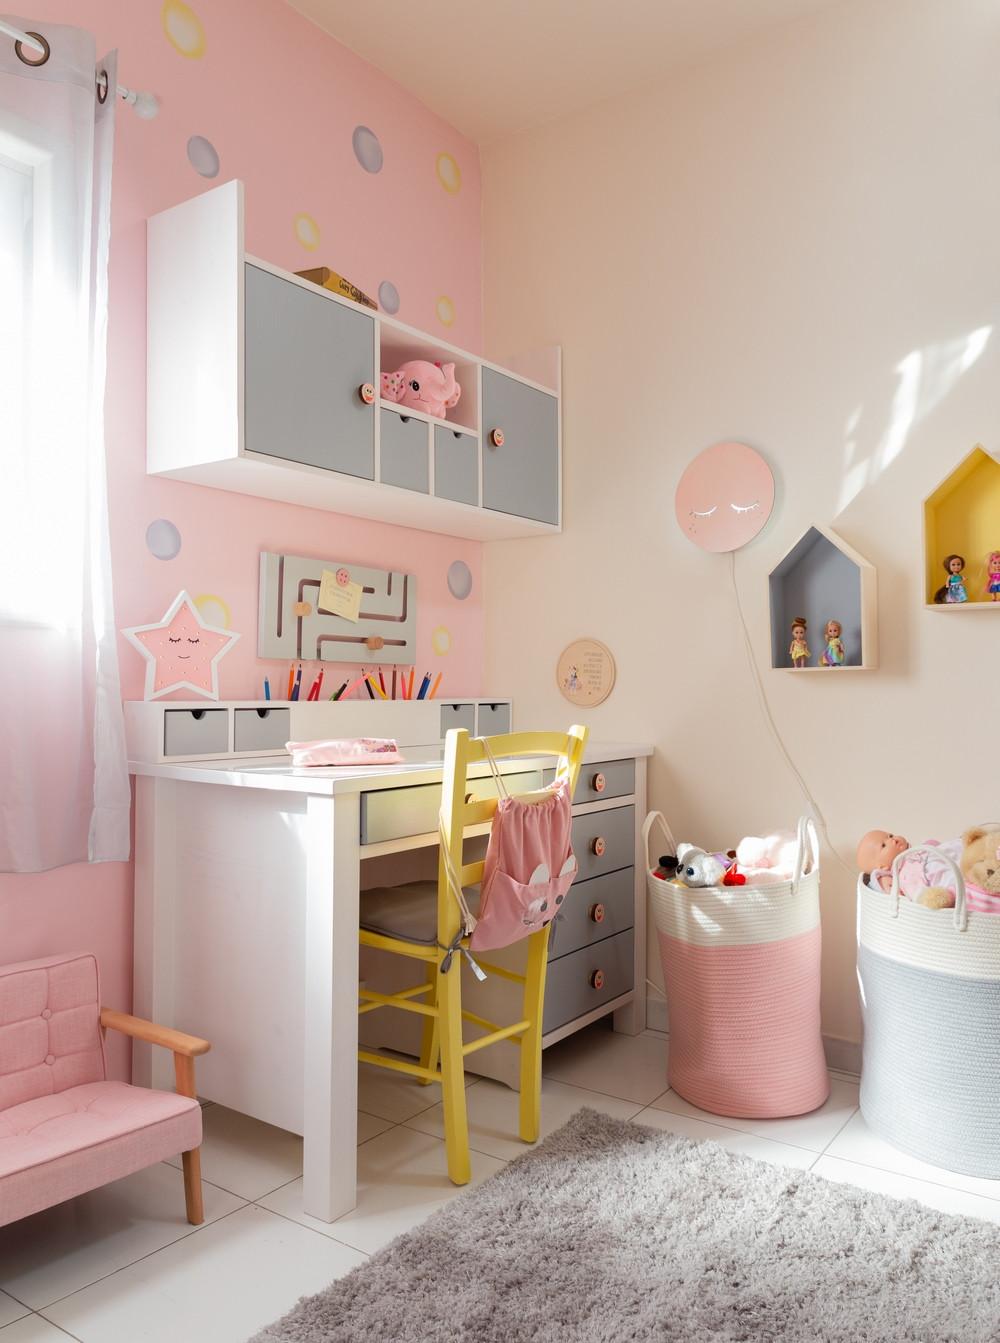 עיצוב חדר לילדה בגווני ורוד אפור וצהוב